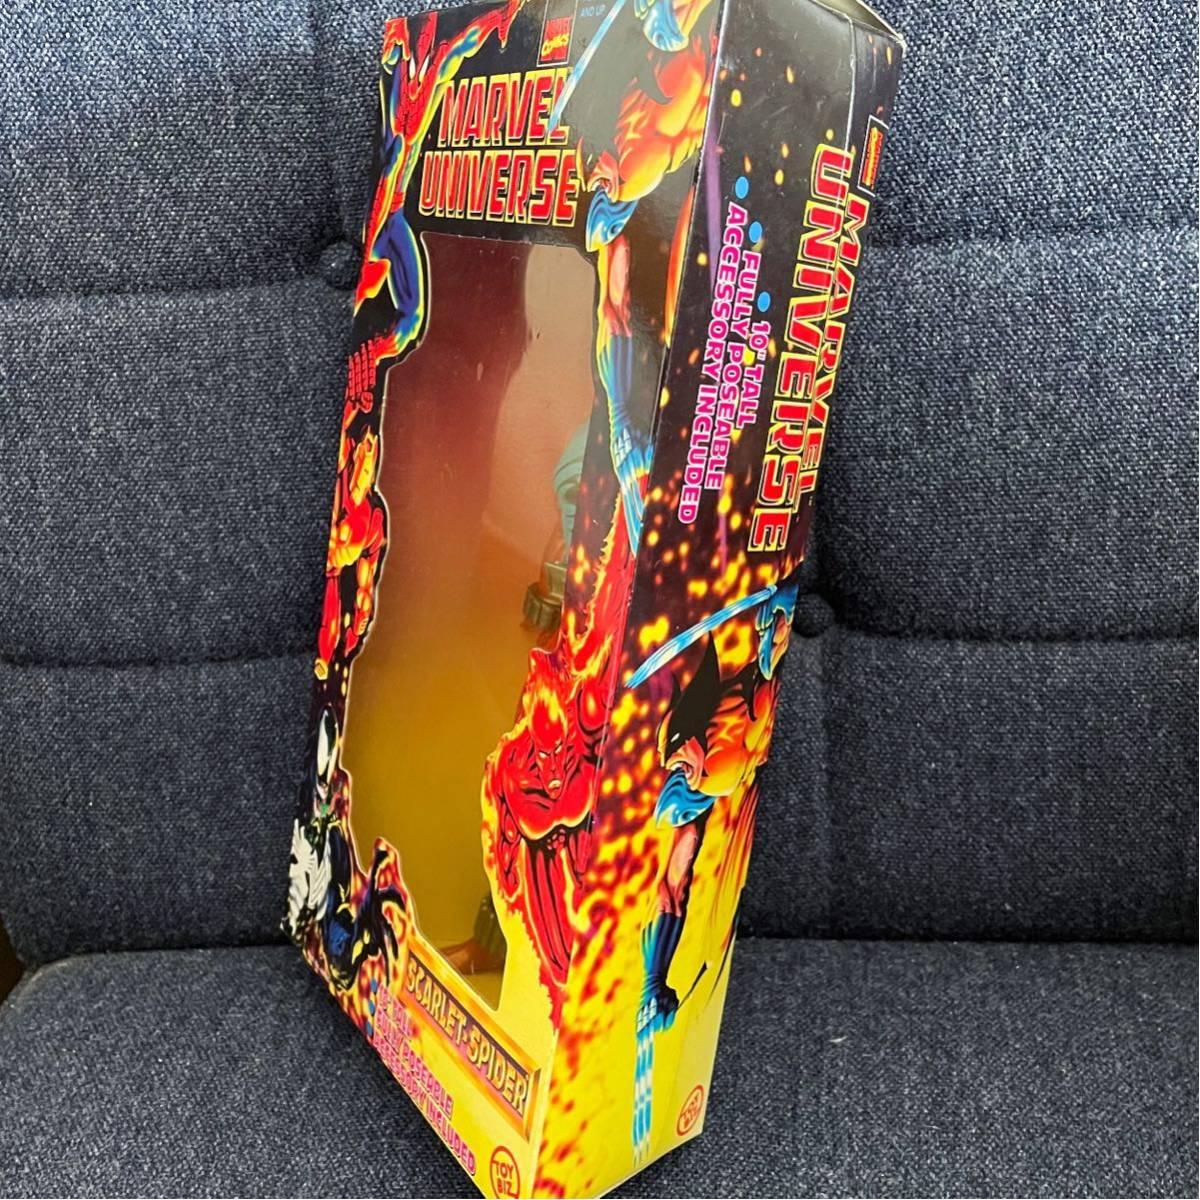 未開封 1997年製 TOYBIZ トイビズ マーベルユニバース 10インチアクションフィギュア SPIDER-MAN スパイダーマン スカーレットスパイダー_画像4